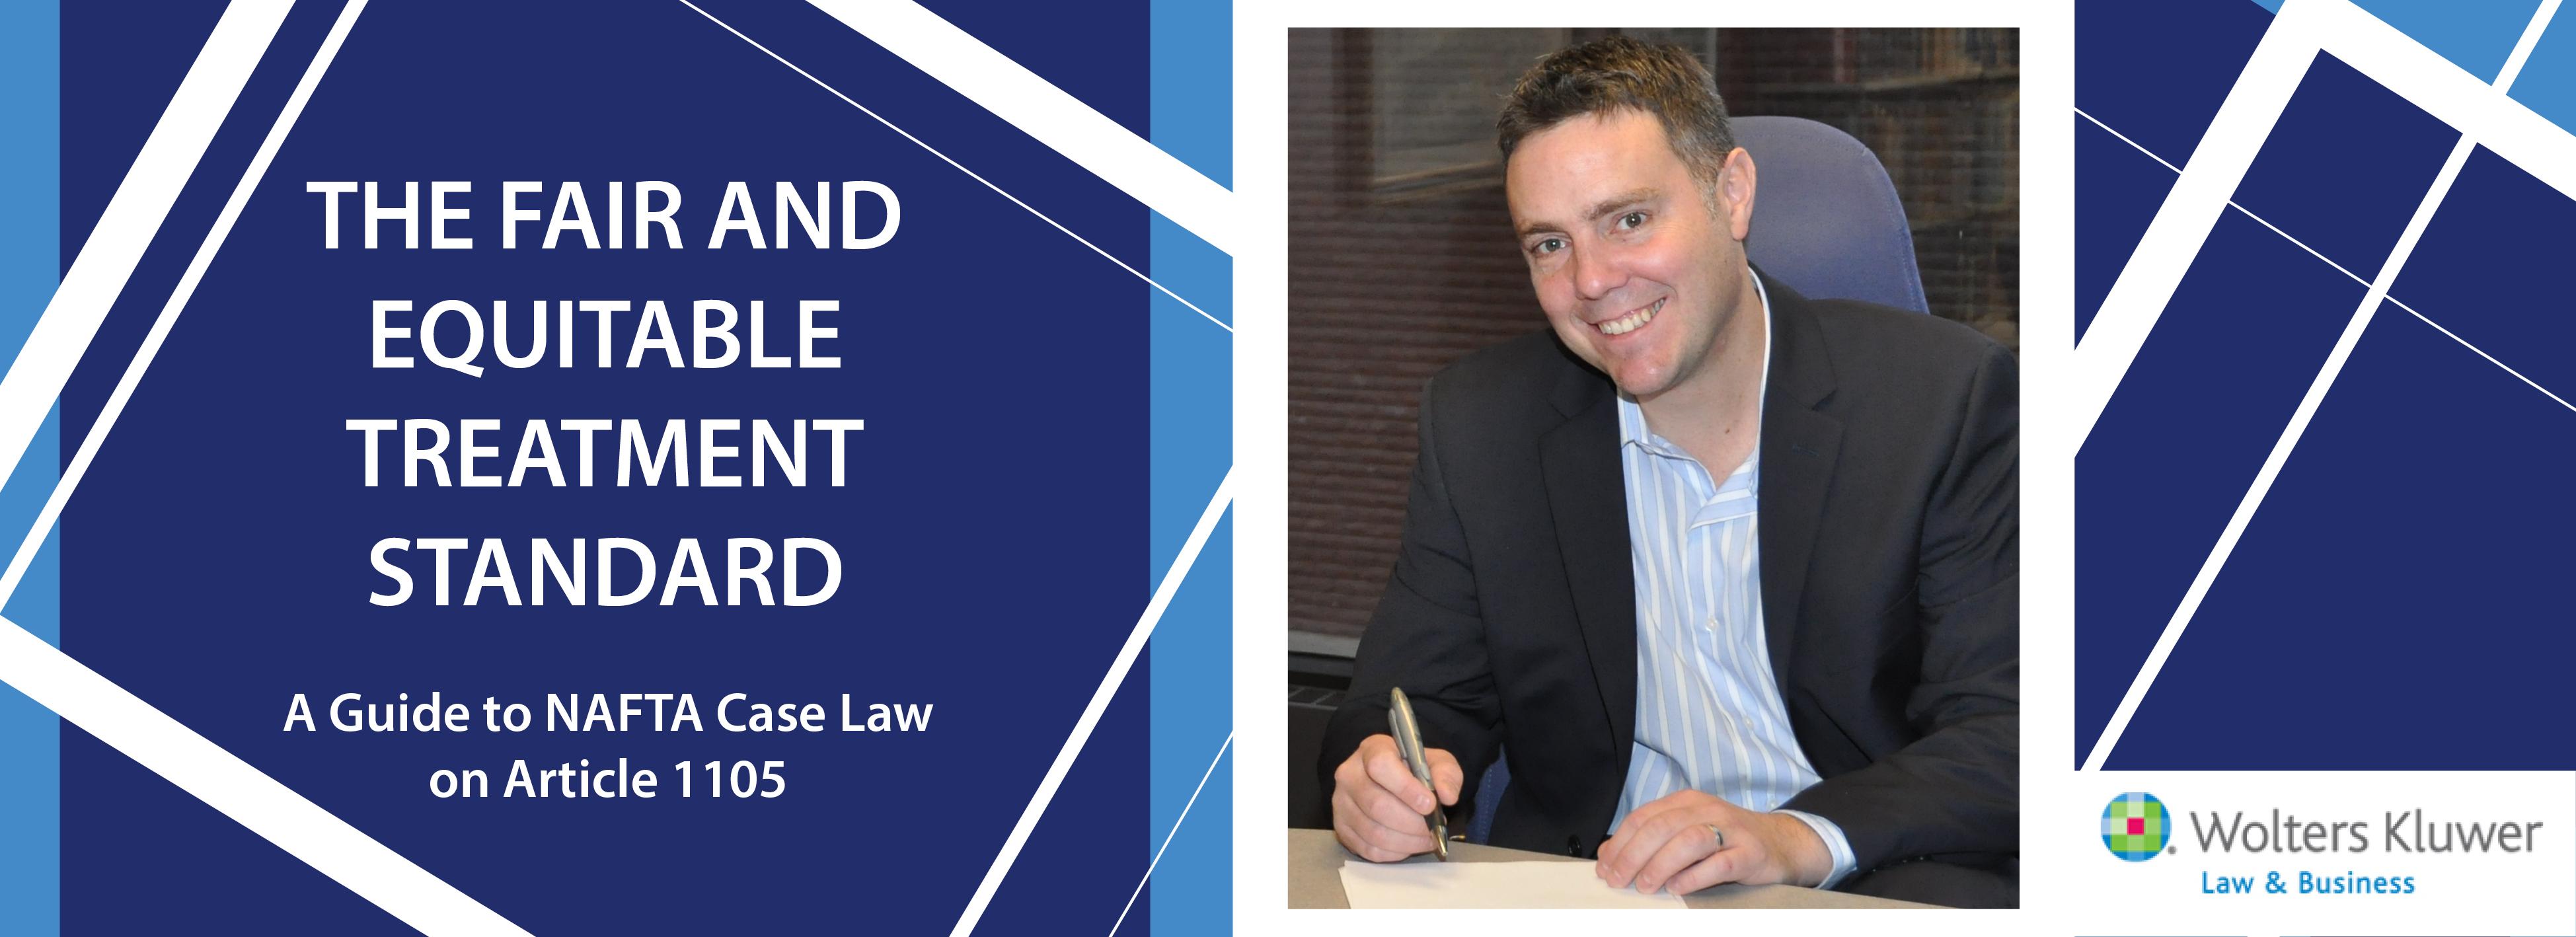 Photo du professeur Patrick Dumberry accompagné du titre de son livre : The fair and equitable treatment standard; a guide to NAFTA Case Law on Article 1105 publié chez les éditions Wolters & Kluwer.